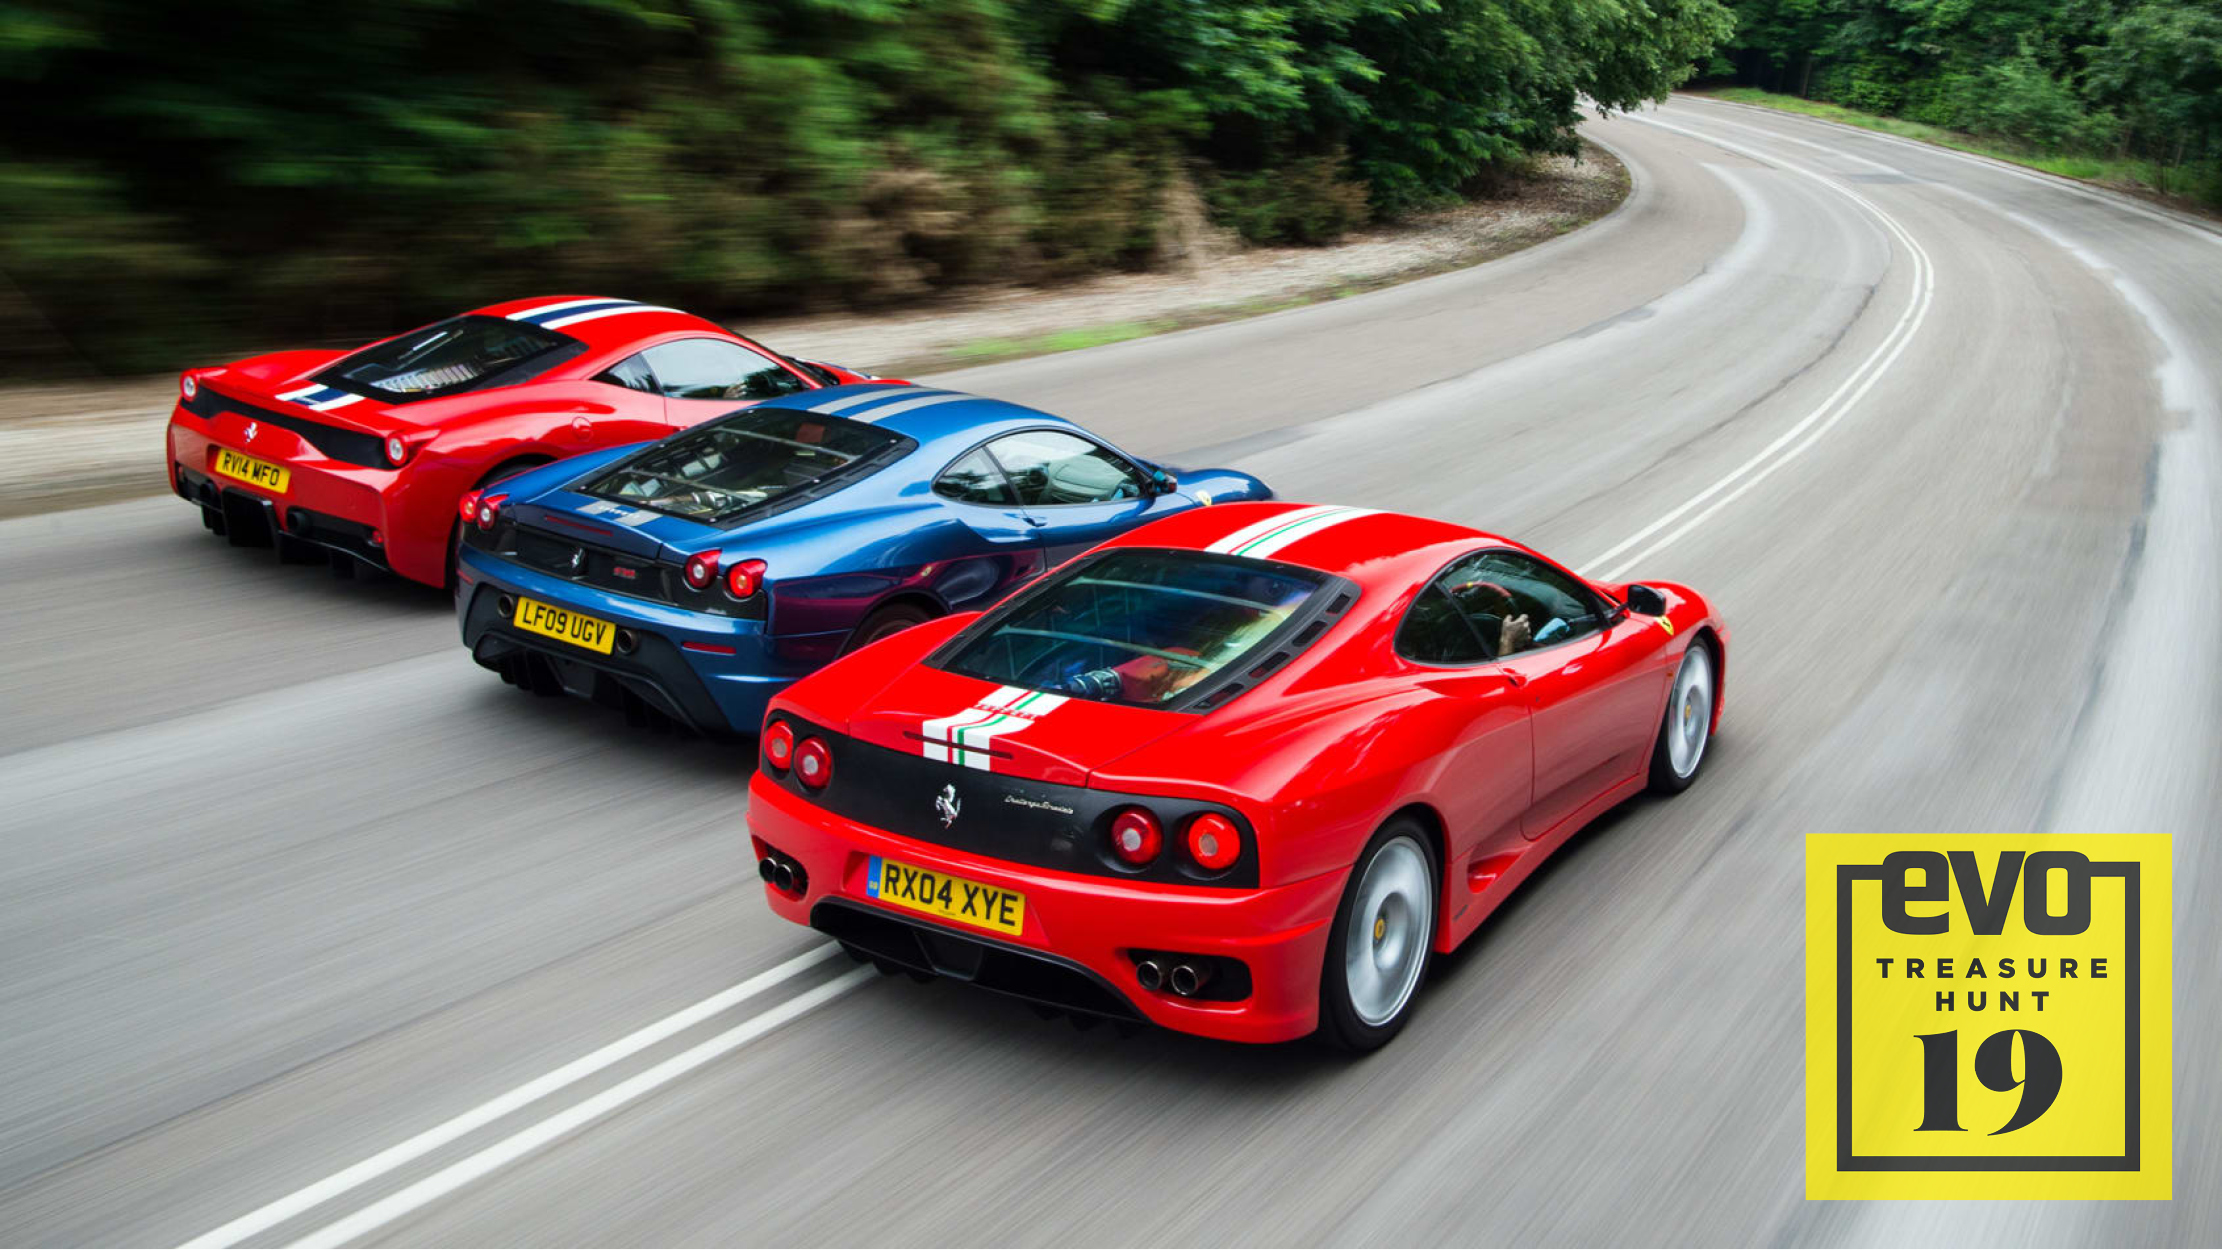 Ferrari Lightweight Specials 458 Speciale Vs 430 Scuderia Vs 360 Challenge Stradale Evo